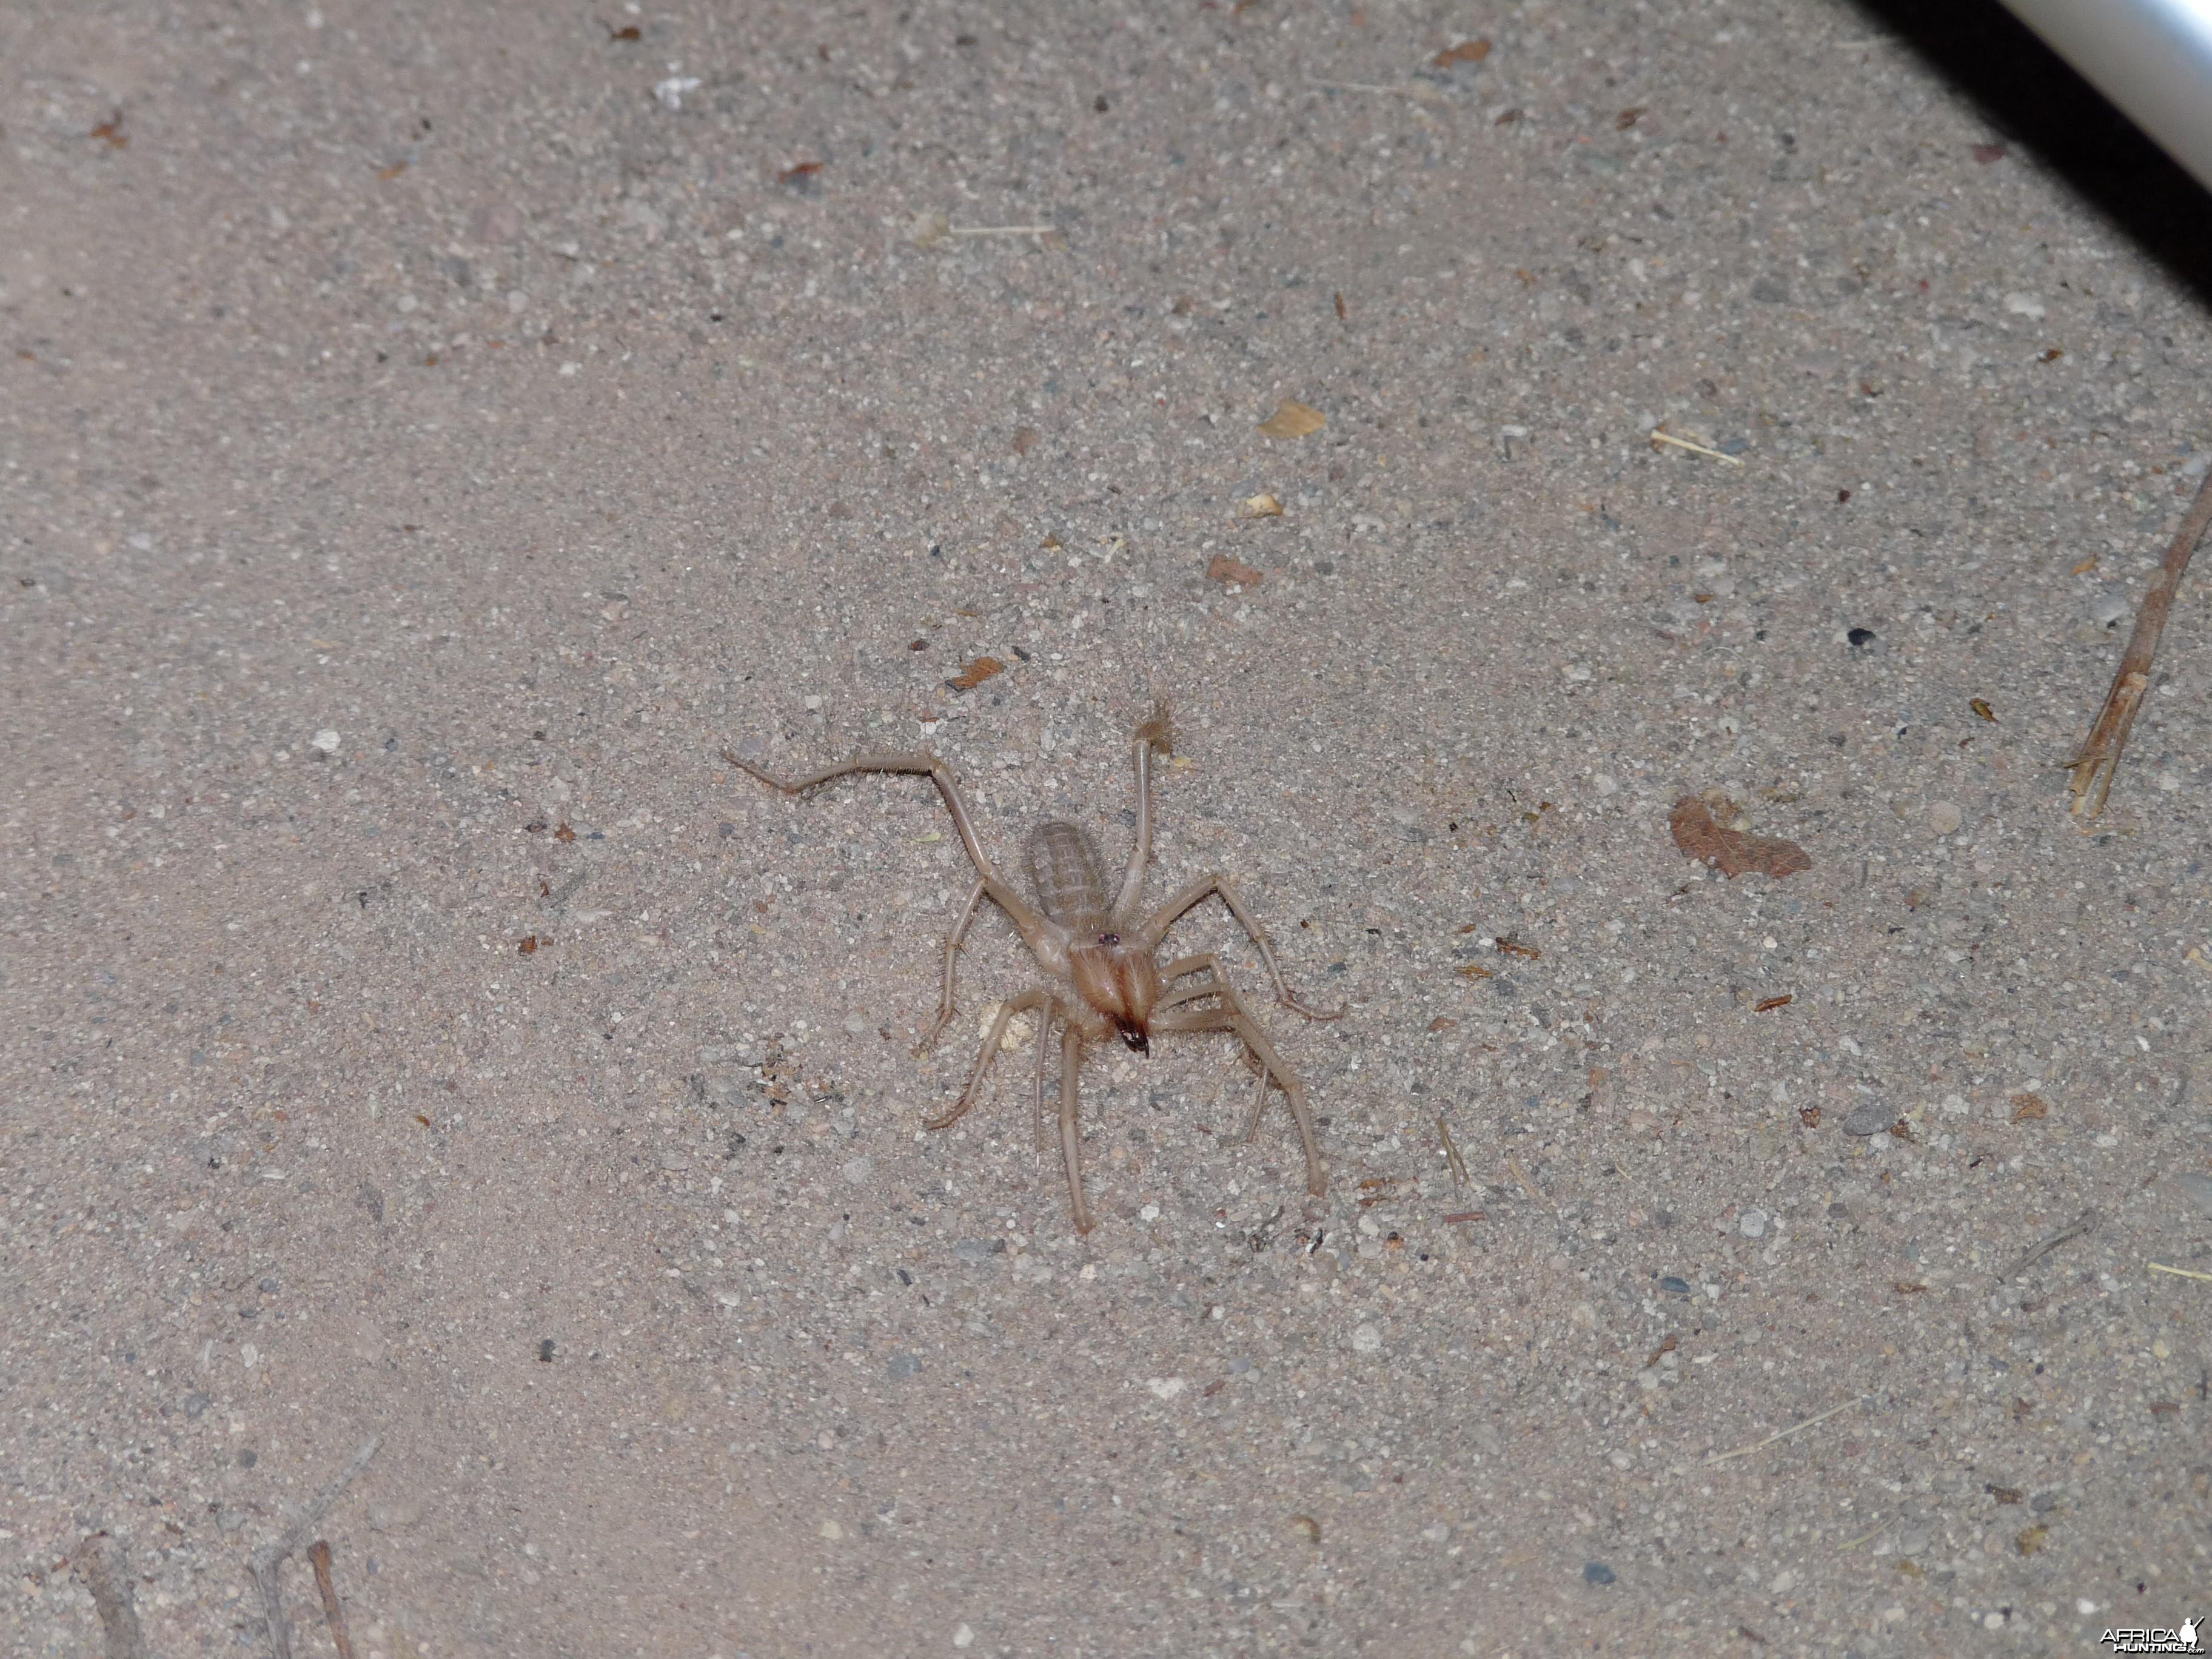 Camel Spider Damaraland Namibia